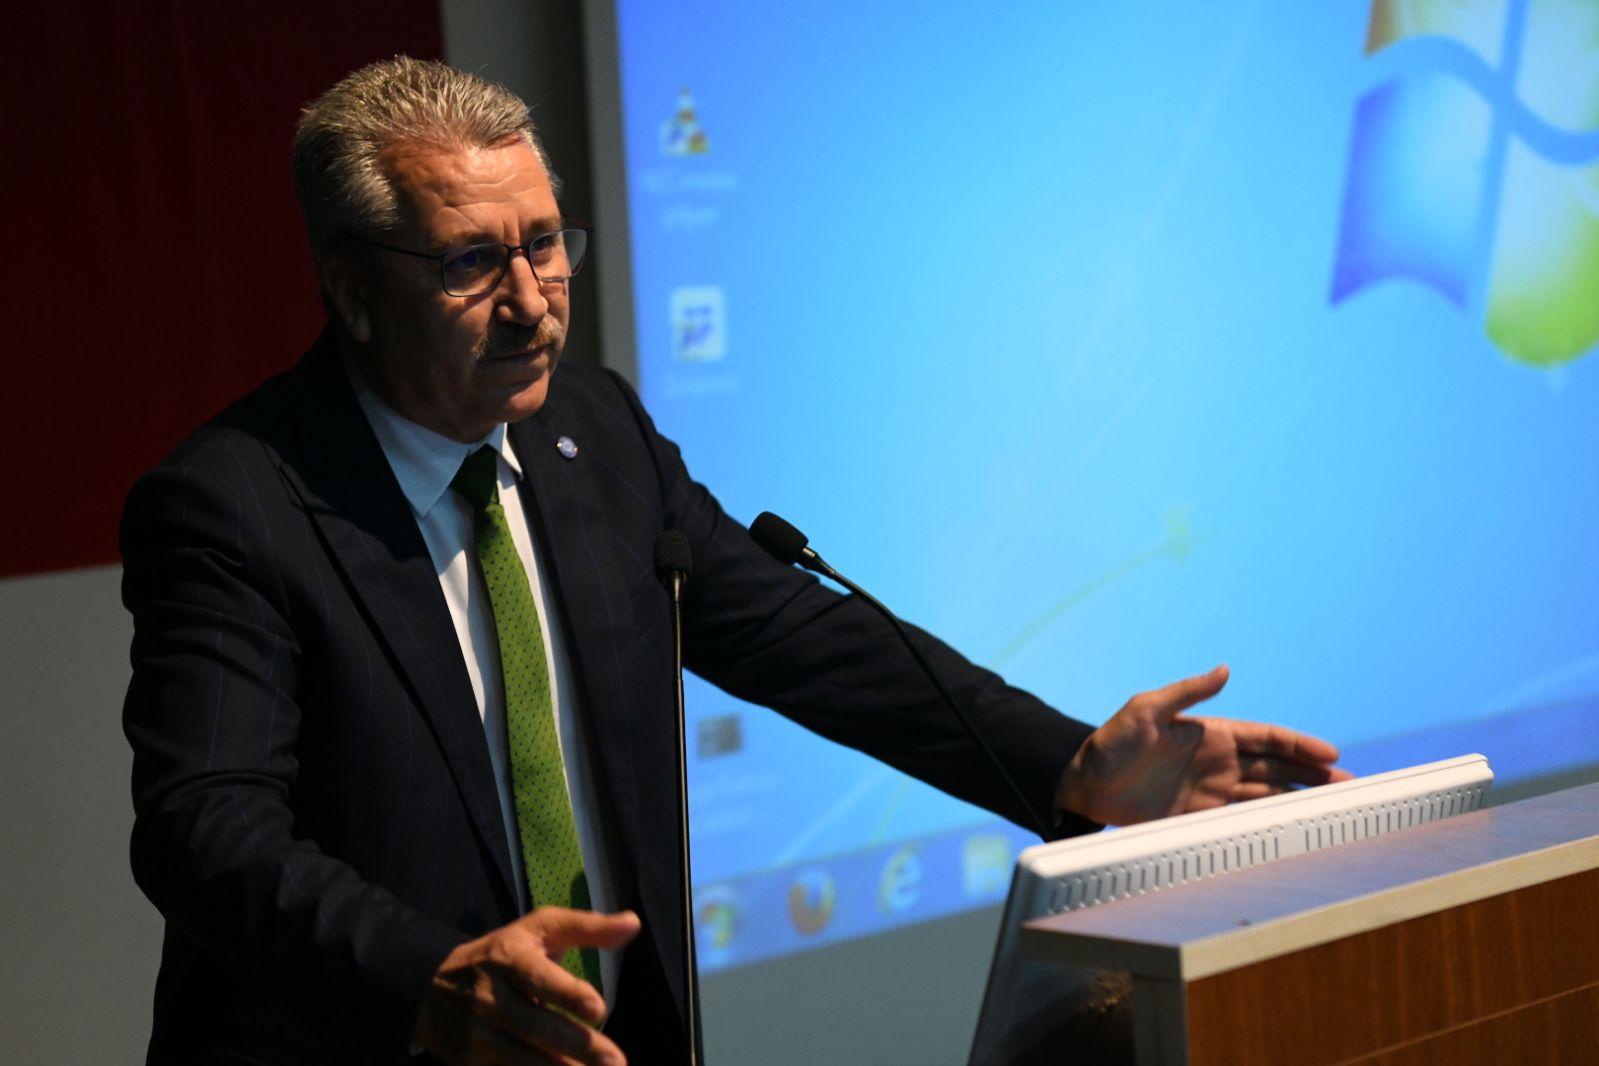 Türkiye'nin intörn hekimleri, meslek yaşamına Ege'de hazırlanıyor